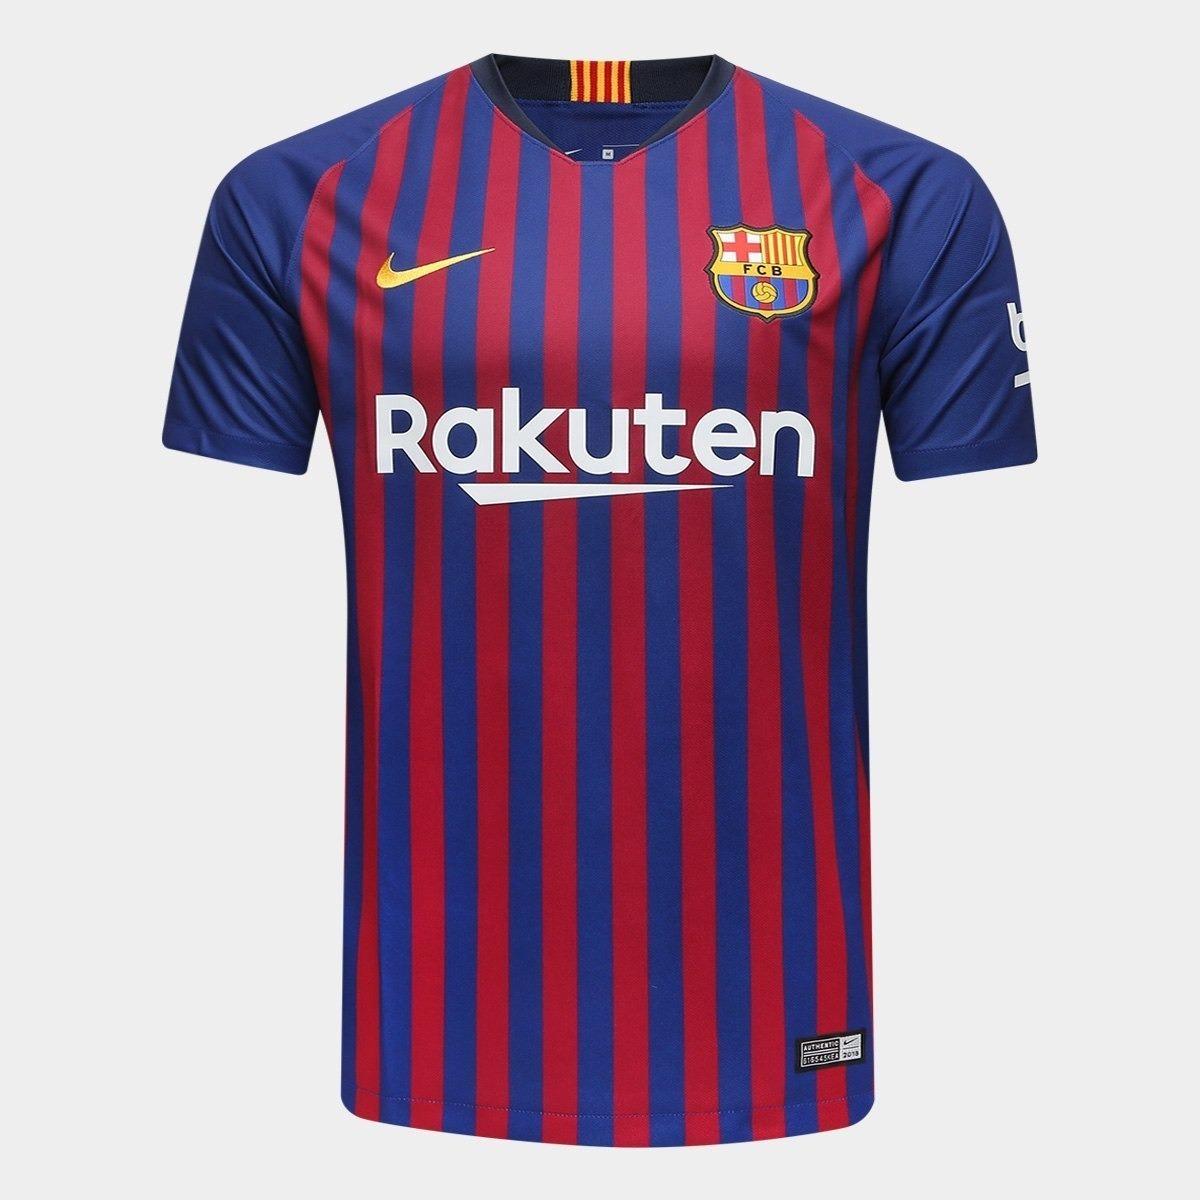 6076ebb14b006 camisa barcelona uniformes 1 2 e 3 2018   2019 frete grátis. Carregando zoom .